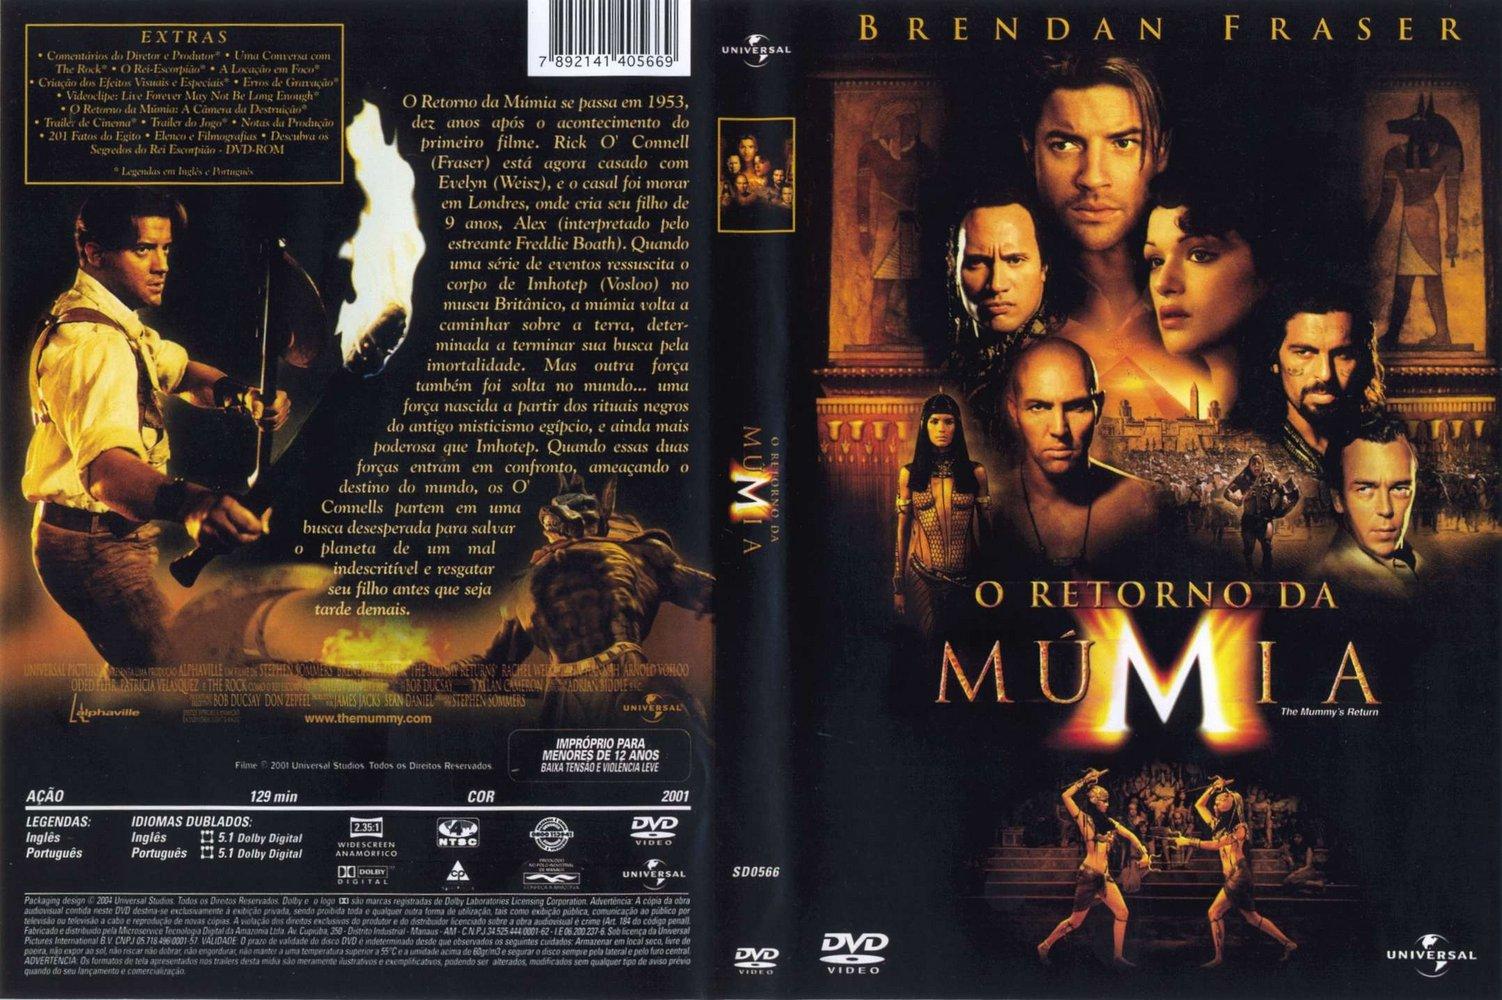 http://3.bp.blogspot.com/-qPrErqUsxeM/T014TpWj27I/AAAAAAAAA48/PJYOUR3FkSI/s1600/O+Retorno+Da+Mumia.jpg